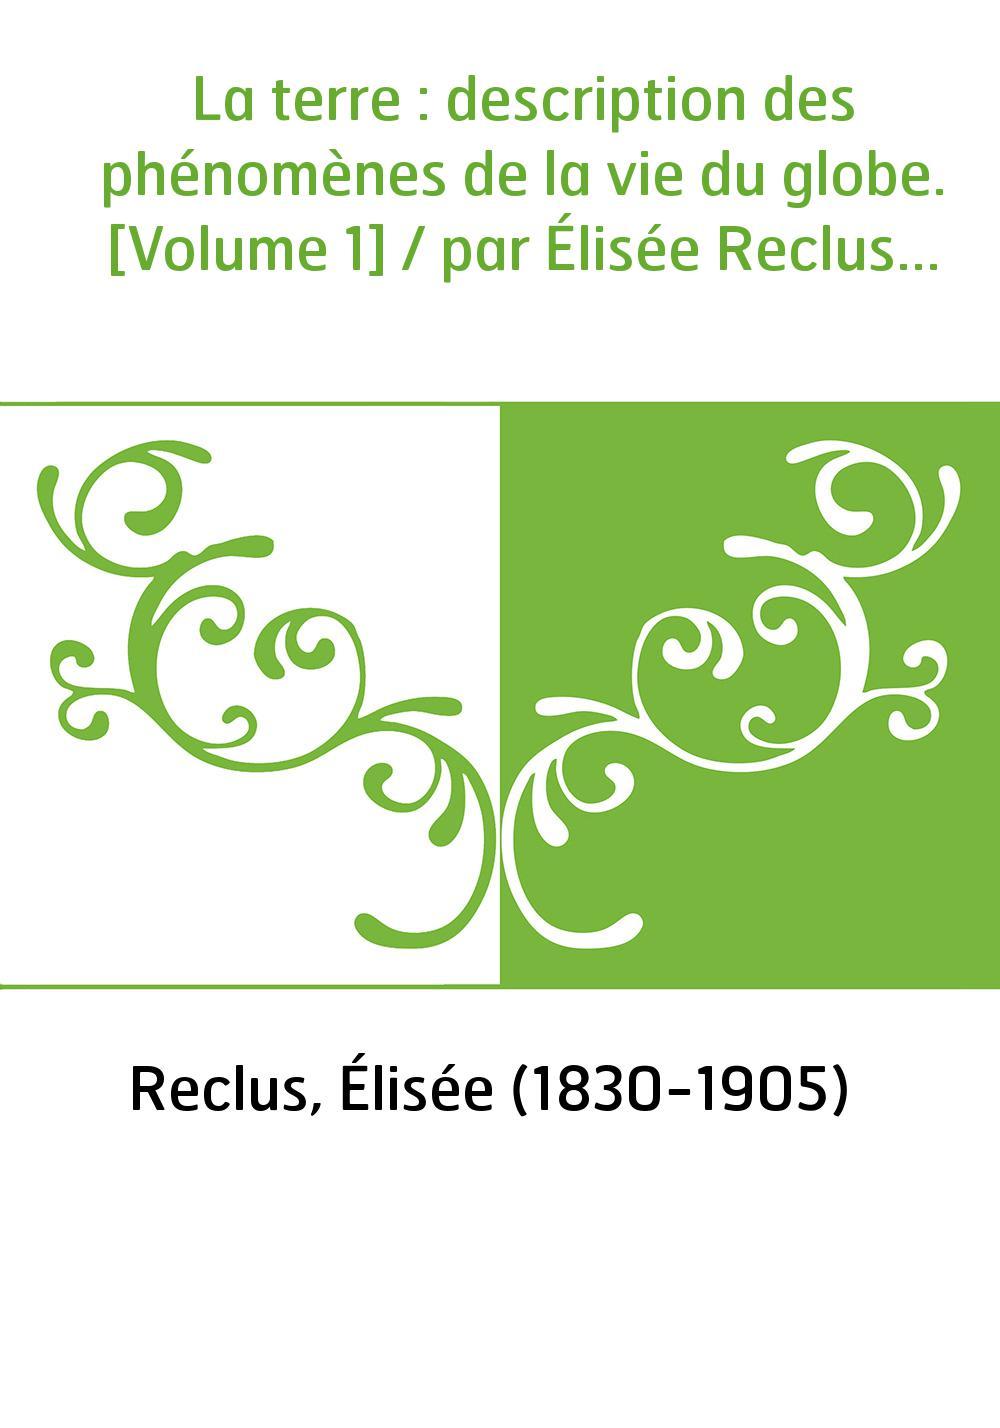 La terre : description des phénomènes de la vie du globe. [Volume 1] / par Élisée Reclus...